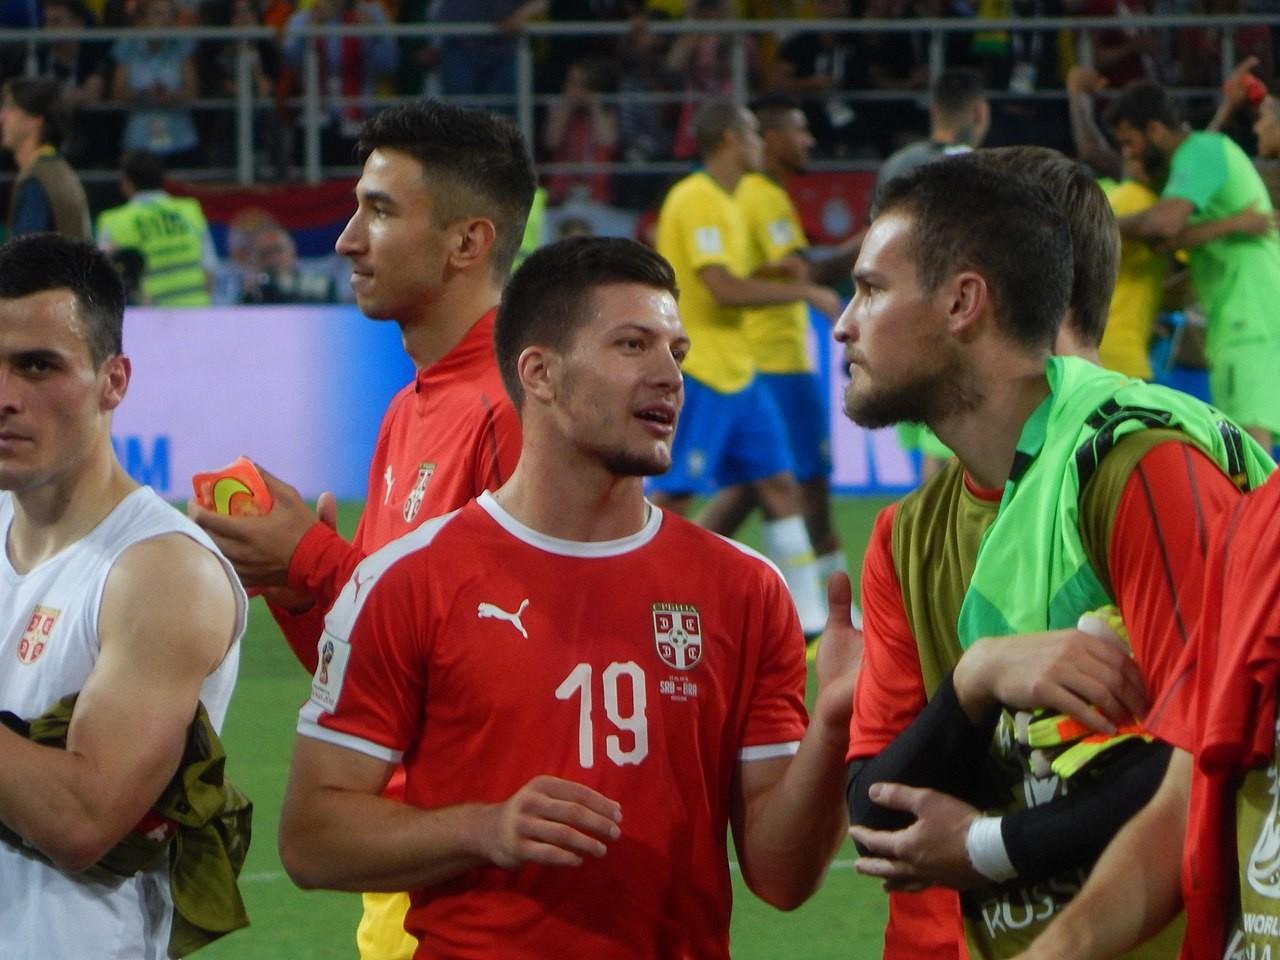 Kluczowe chwile dla serbskiego futbolu